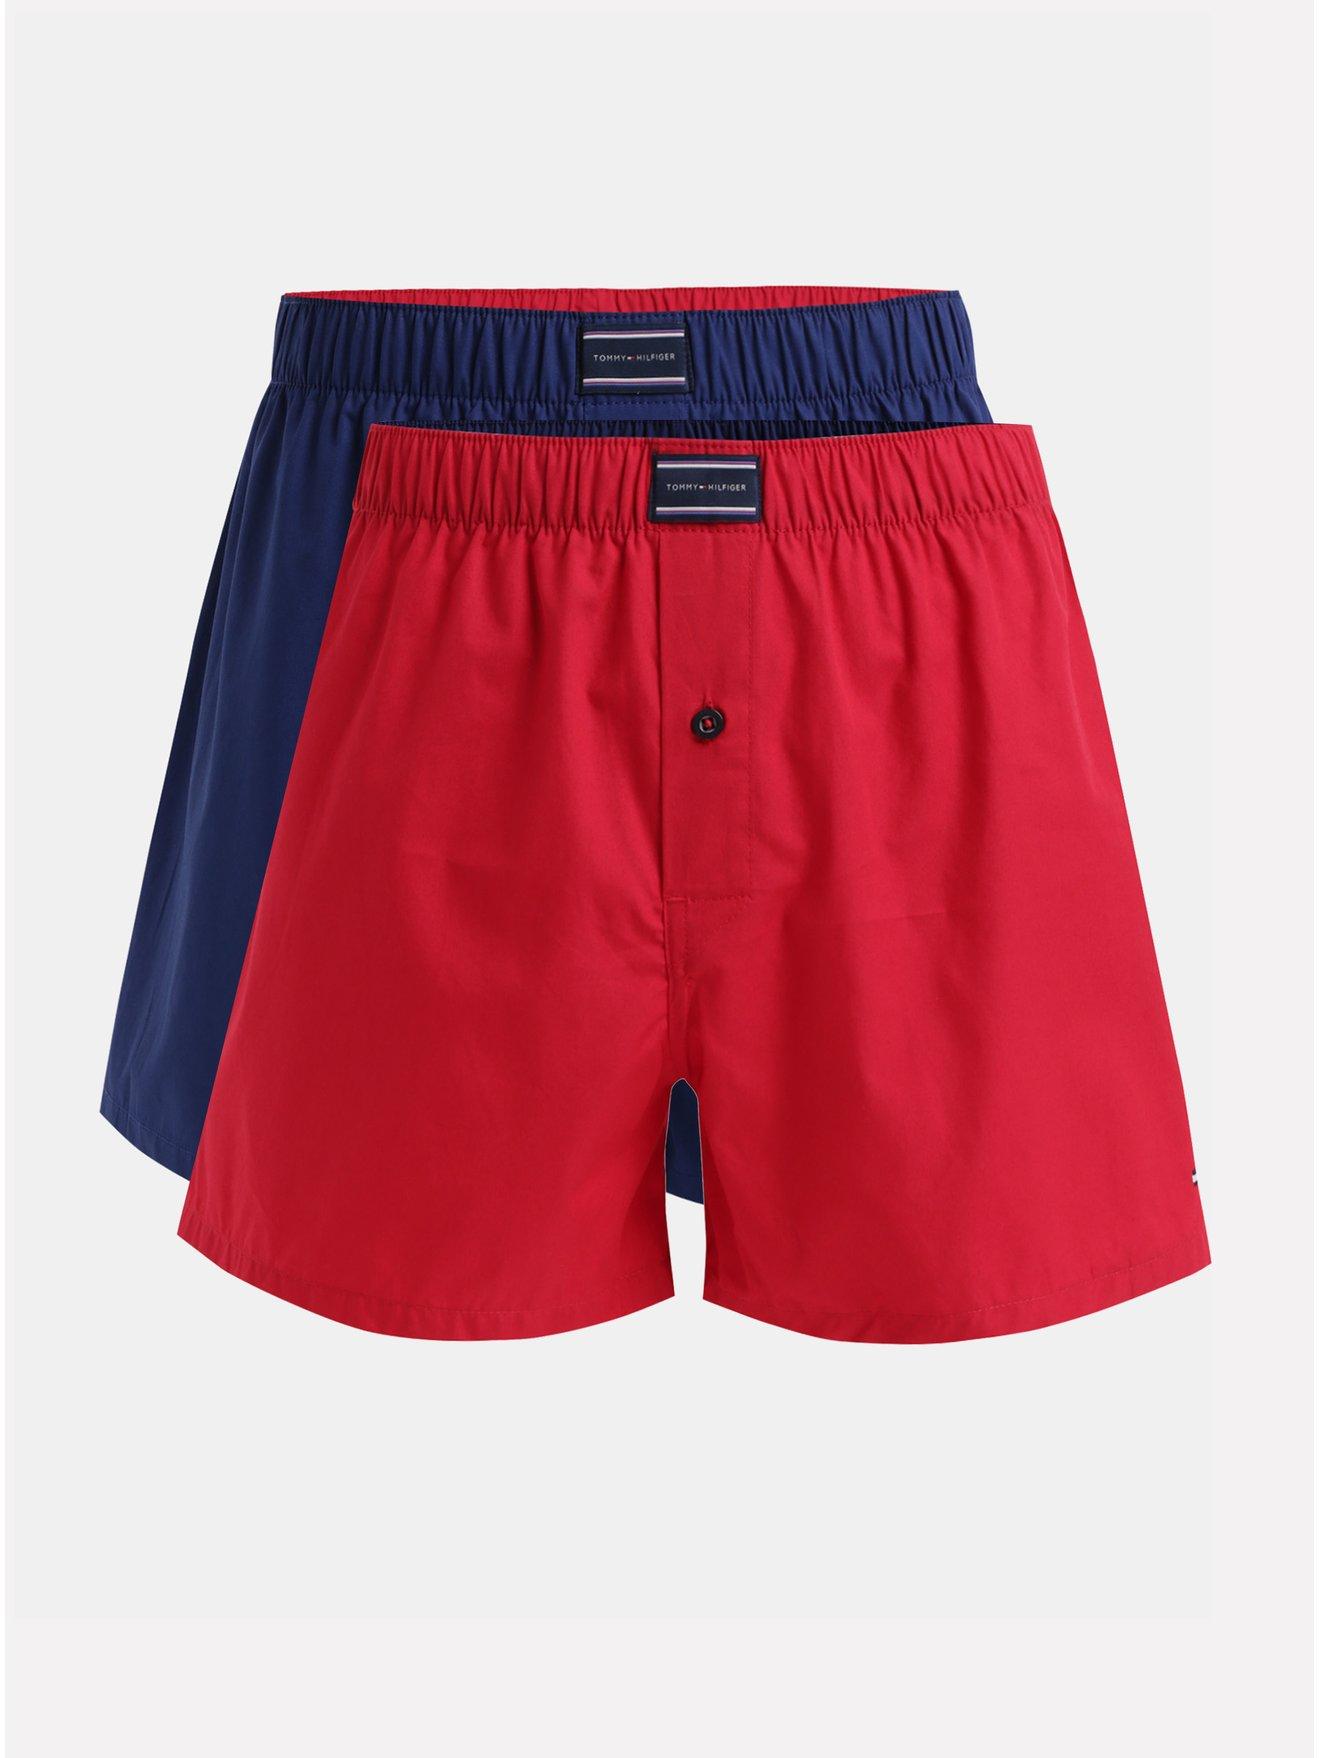 Sada trenýrek v červené a modré barvě Tommy Hilfiger 8c0387b714